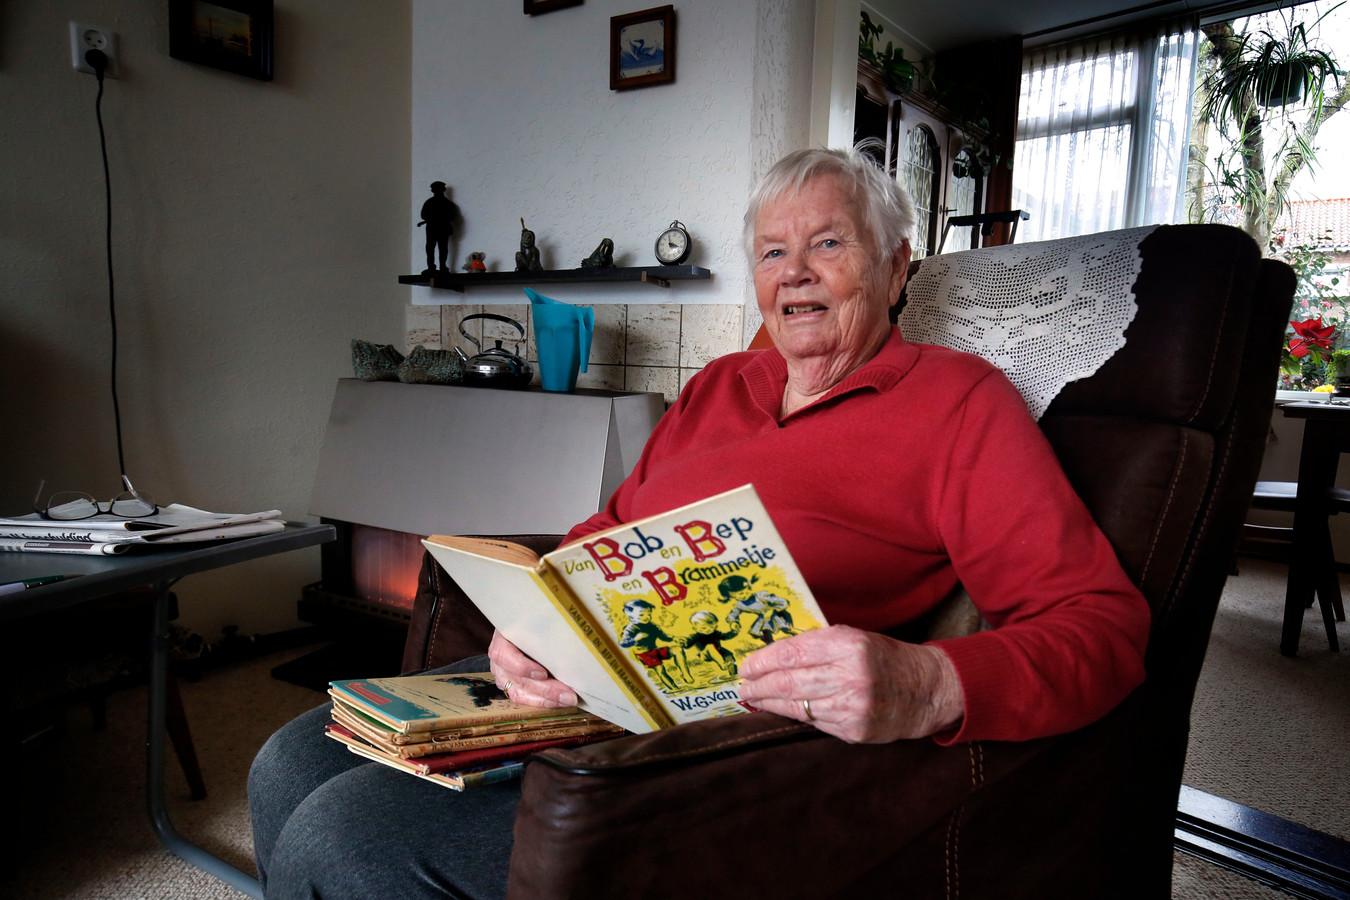 De 90-jarige Klazien Verhoeff-van Dusseldorp met de (voor)leesboekjes van W.G. van der Hulst.